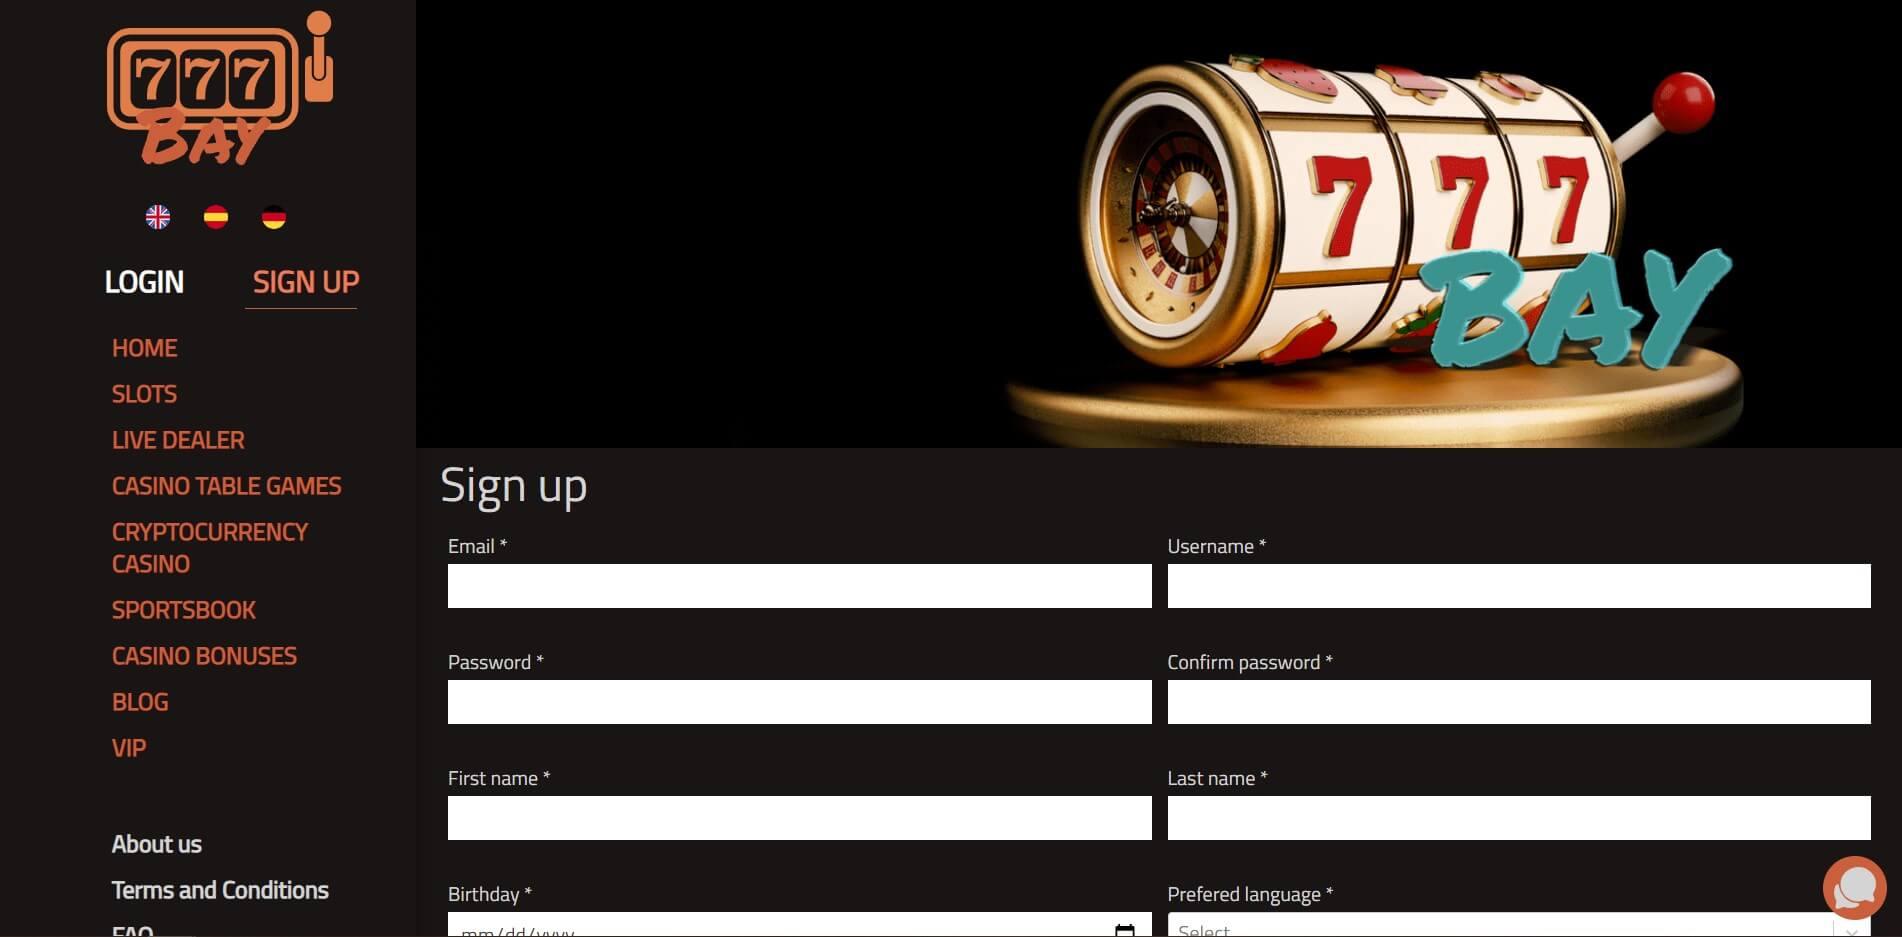 Sign Up at 777Bay Casino